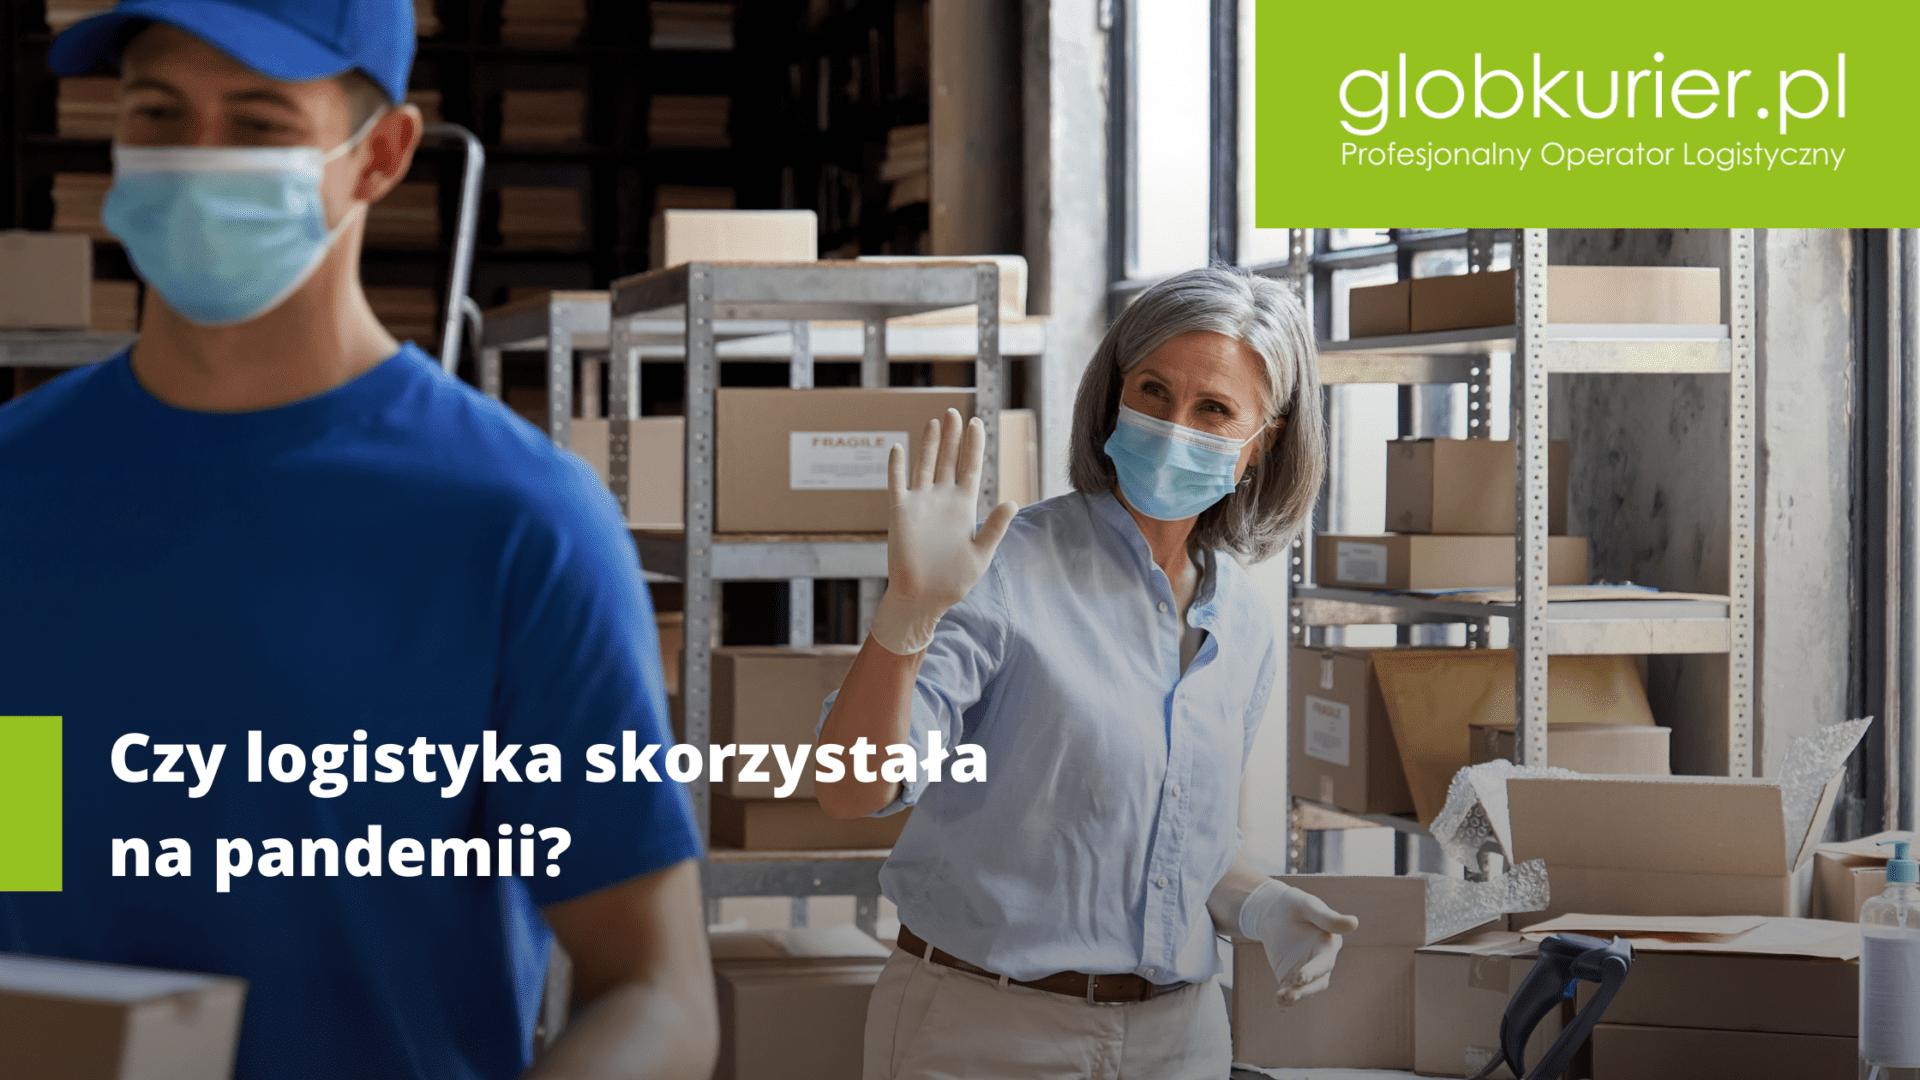 Czy logistyka skorzystała na pandemii?